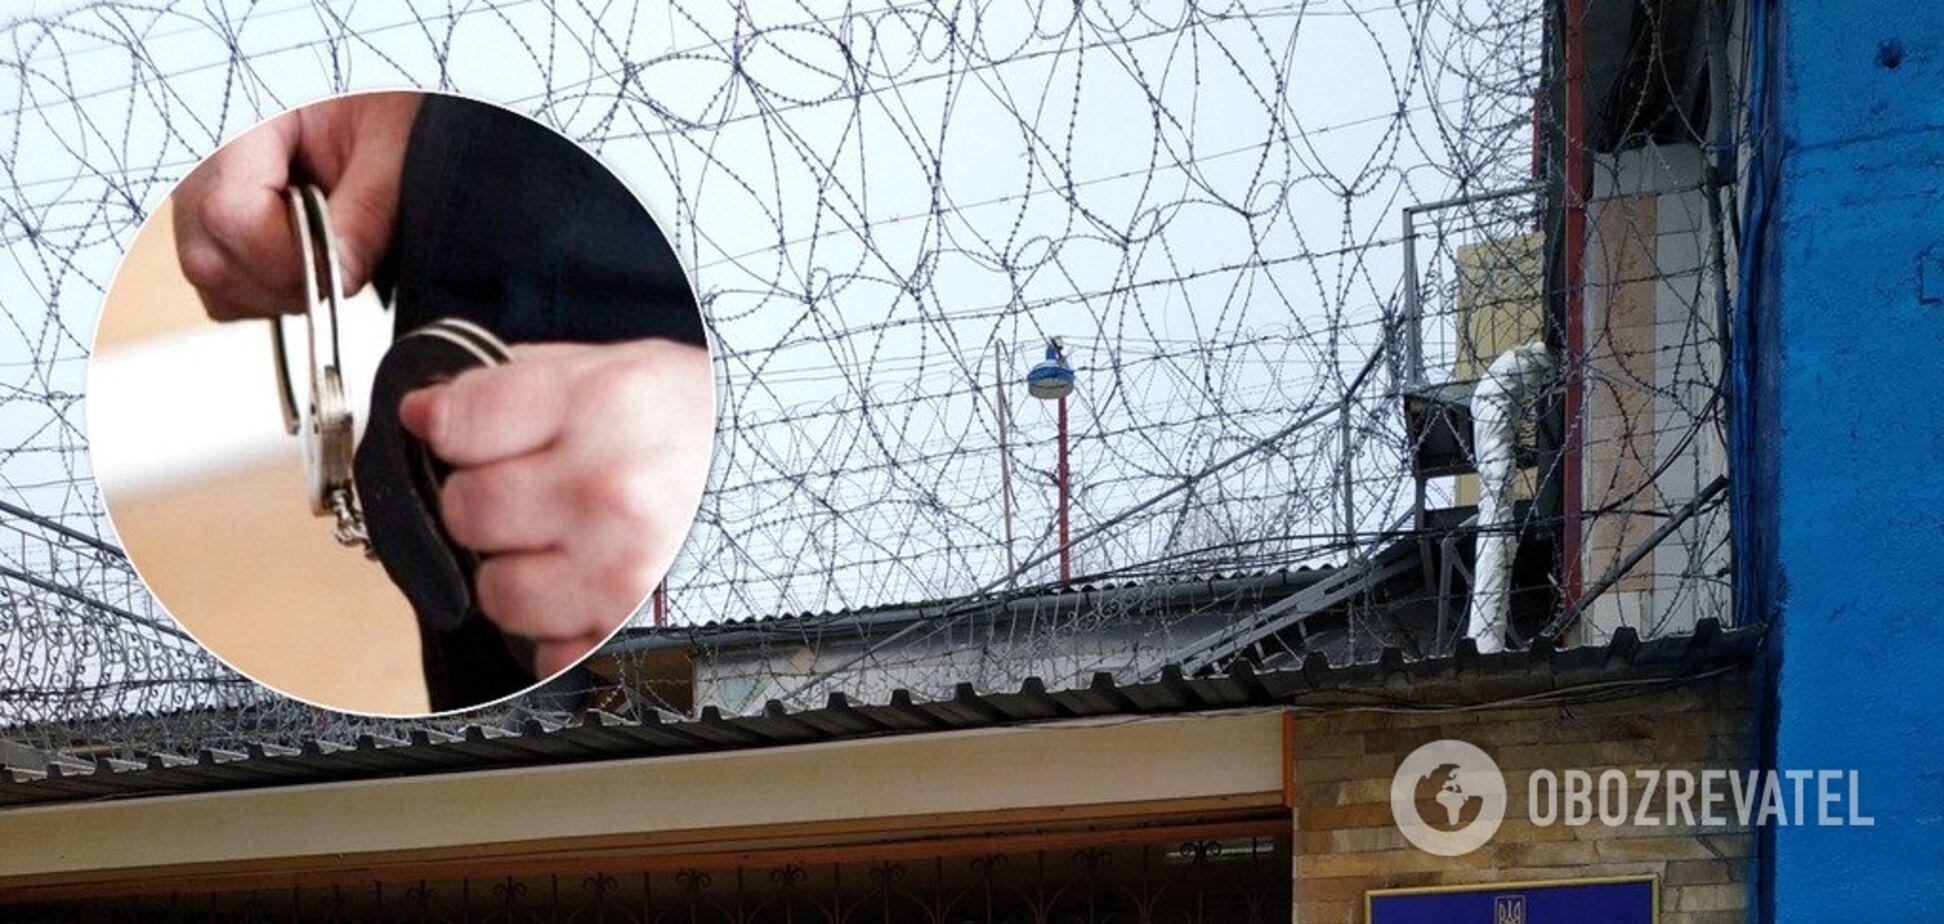 Резиновые дубинки и наручники: выяснились детали ЧП в колонии Харькова